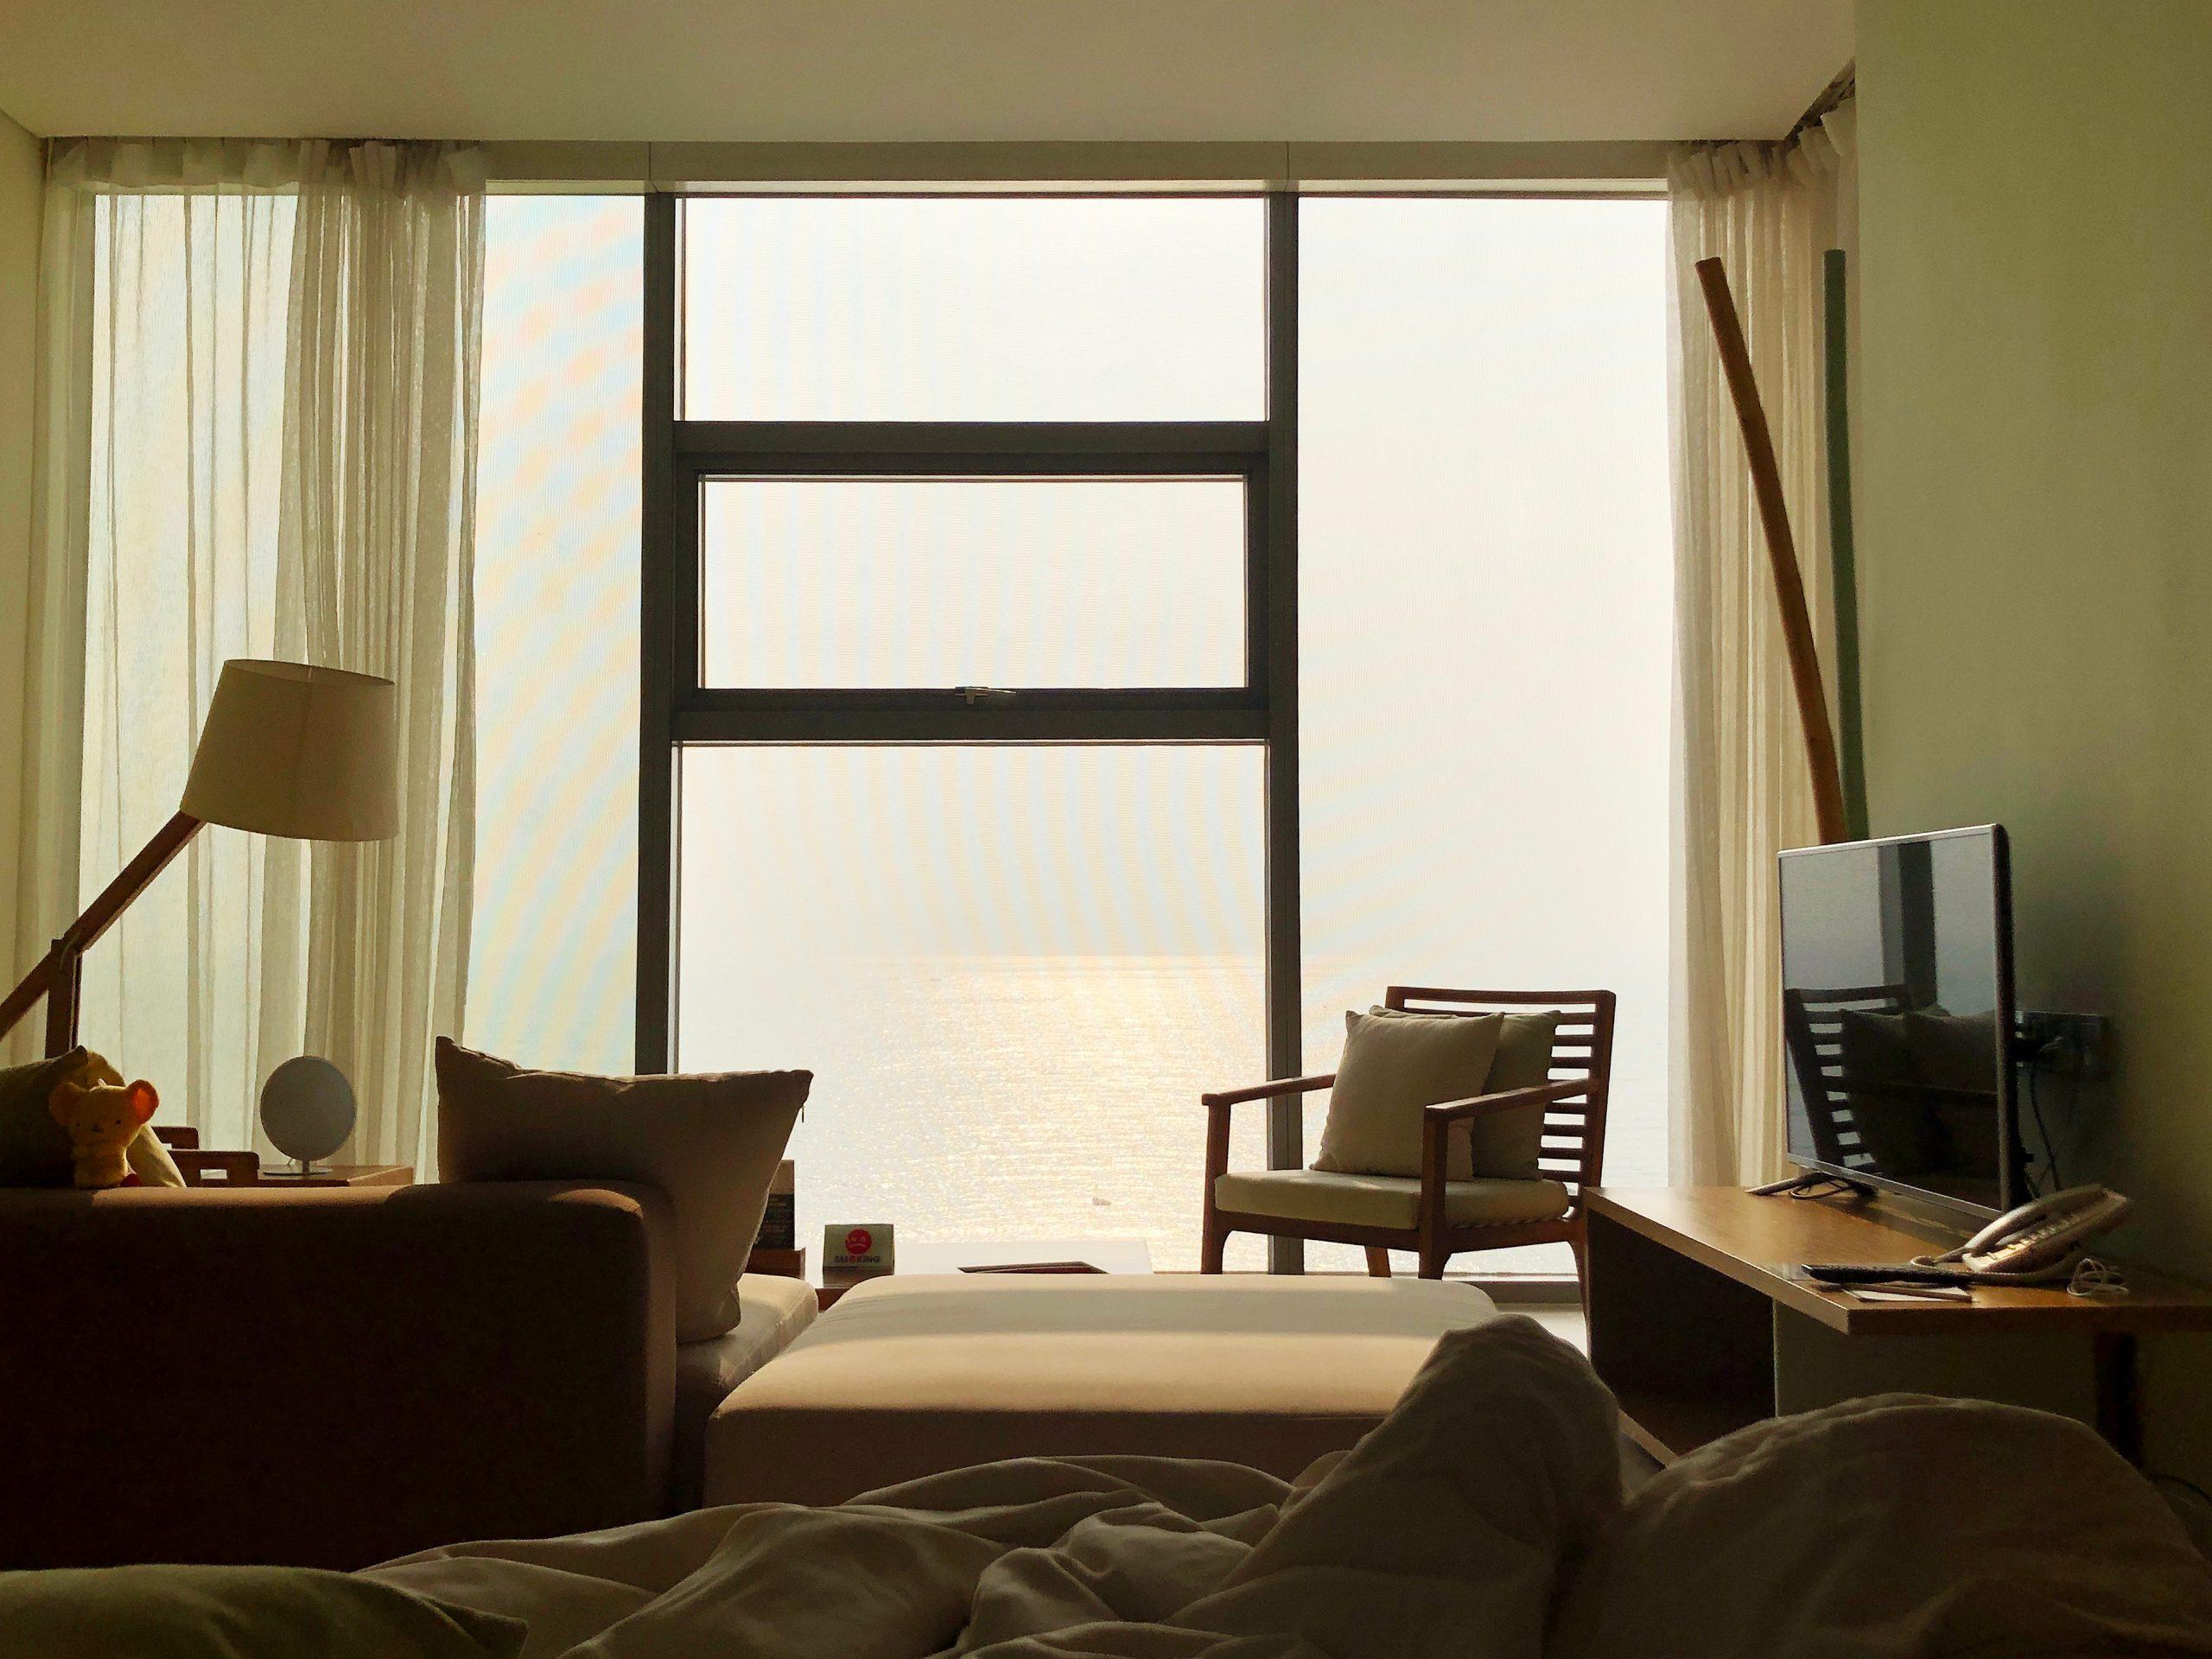 ベトナム・ハノイへの出張時の滞在はここで決まり!オススメの日系ホテルをご紹介致します!